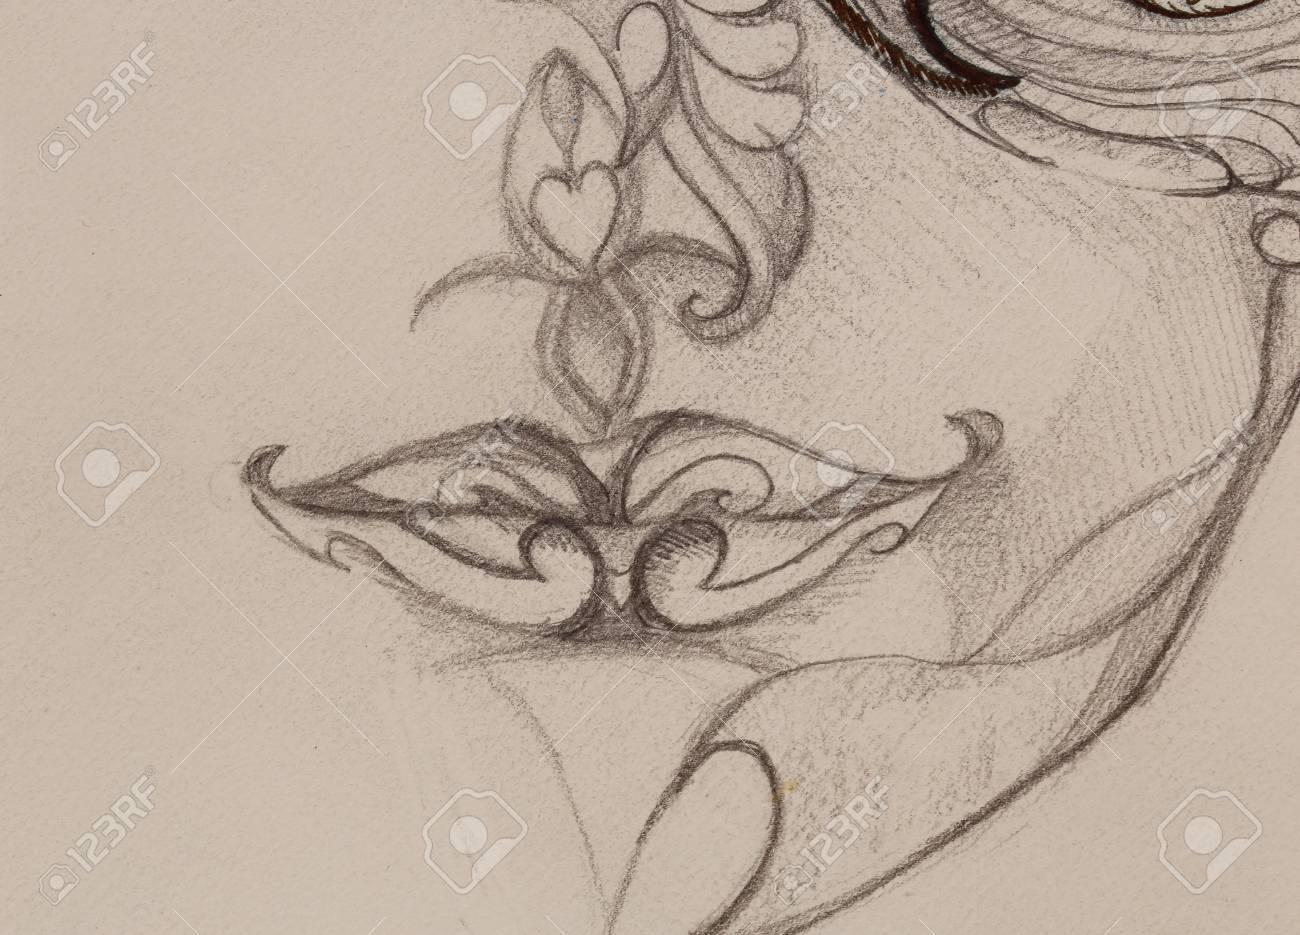 Dessin Levres Femme D Ornement Croquis Au Crayon Sur Papier Sepia